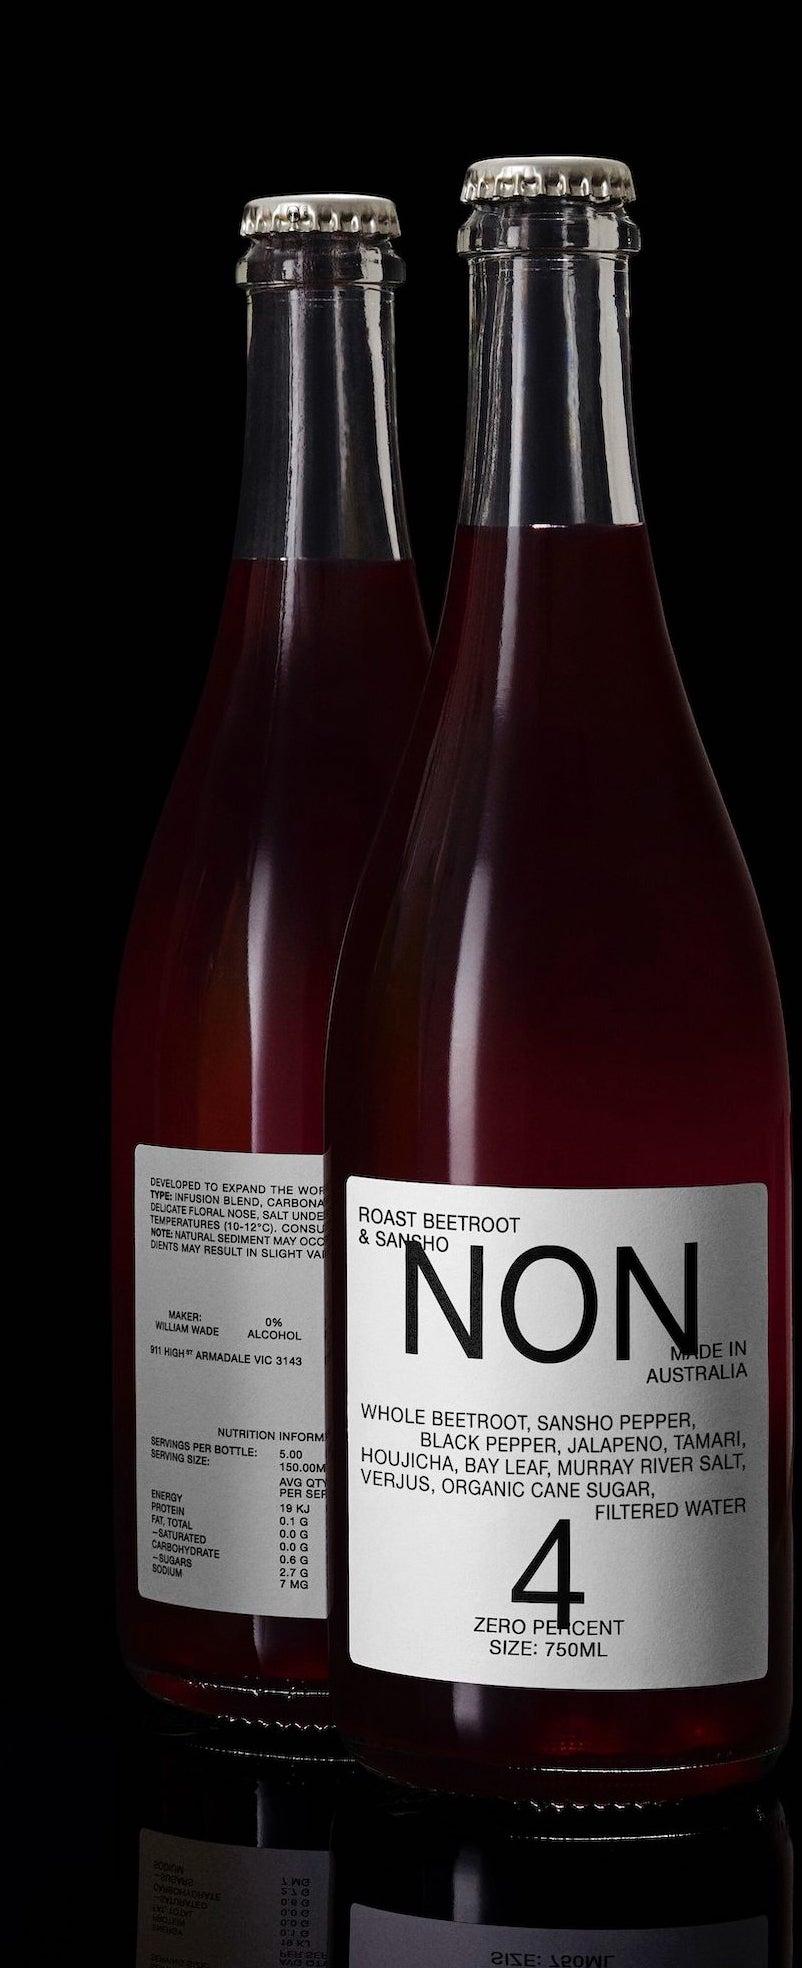 おすすめなオルタナティブワイン